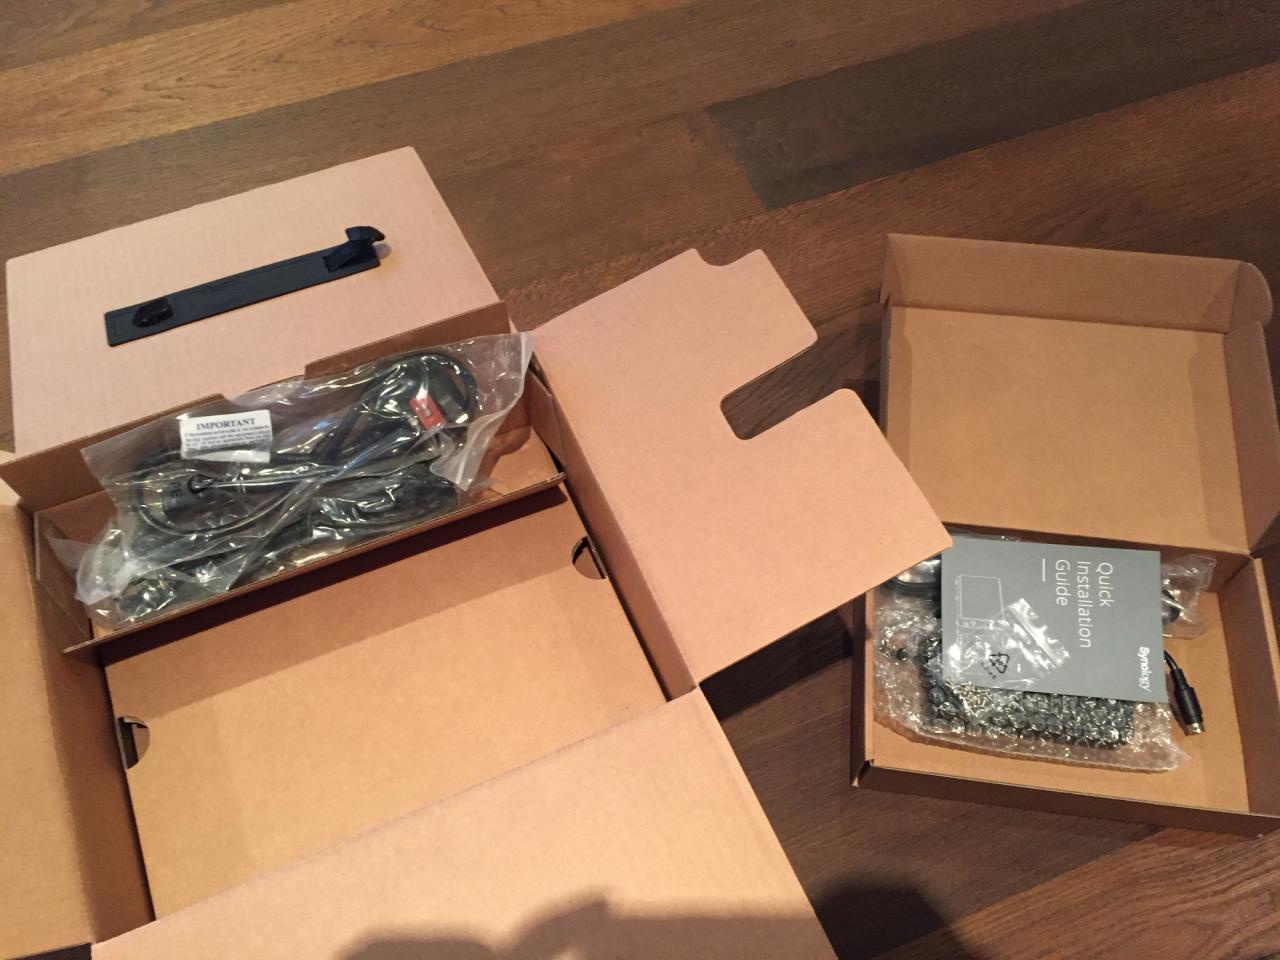 群晖 synology DS916+ 8GB 开箱